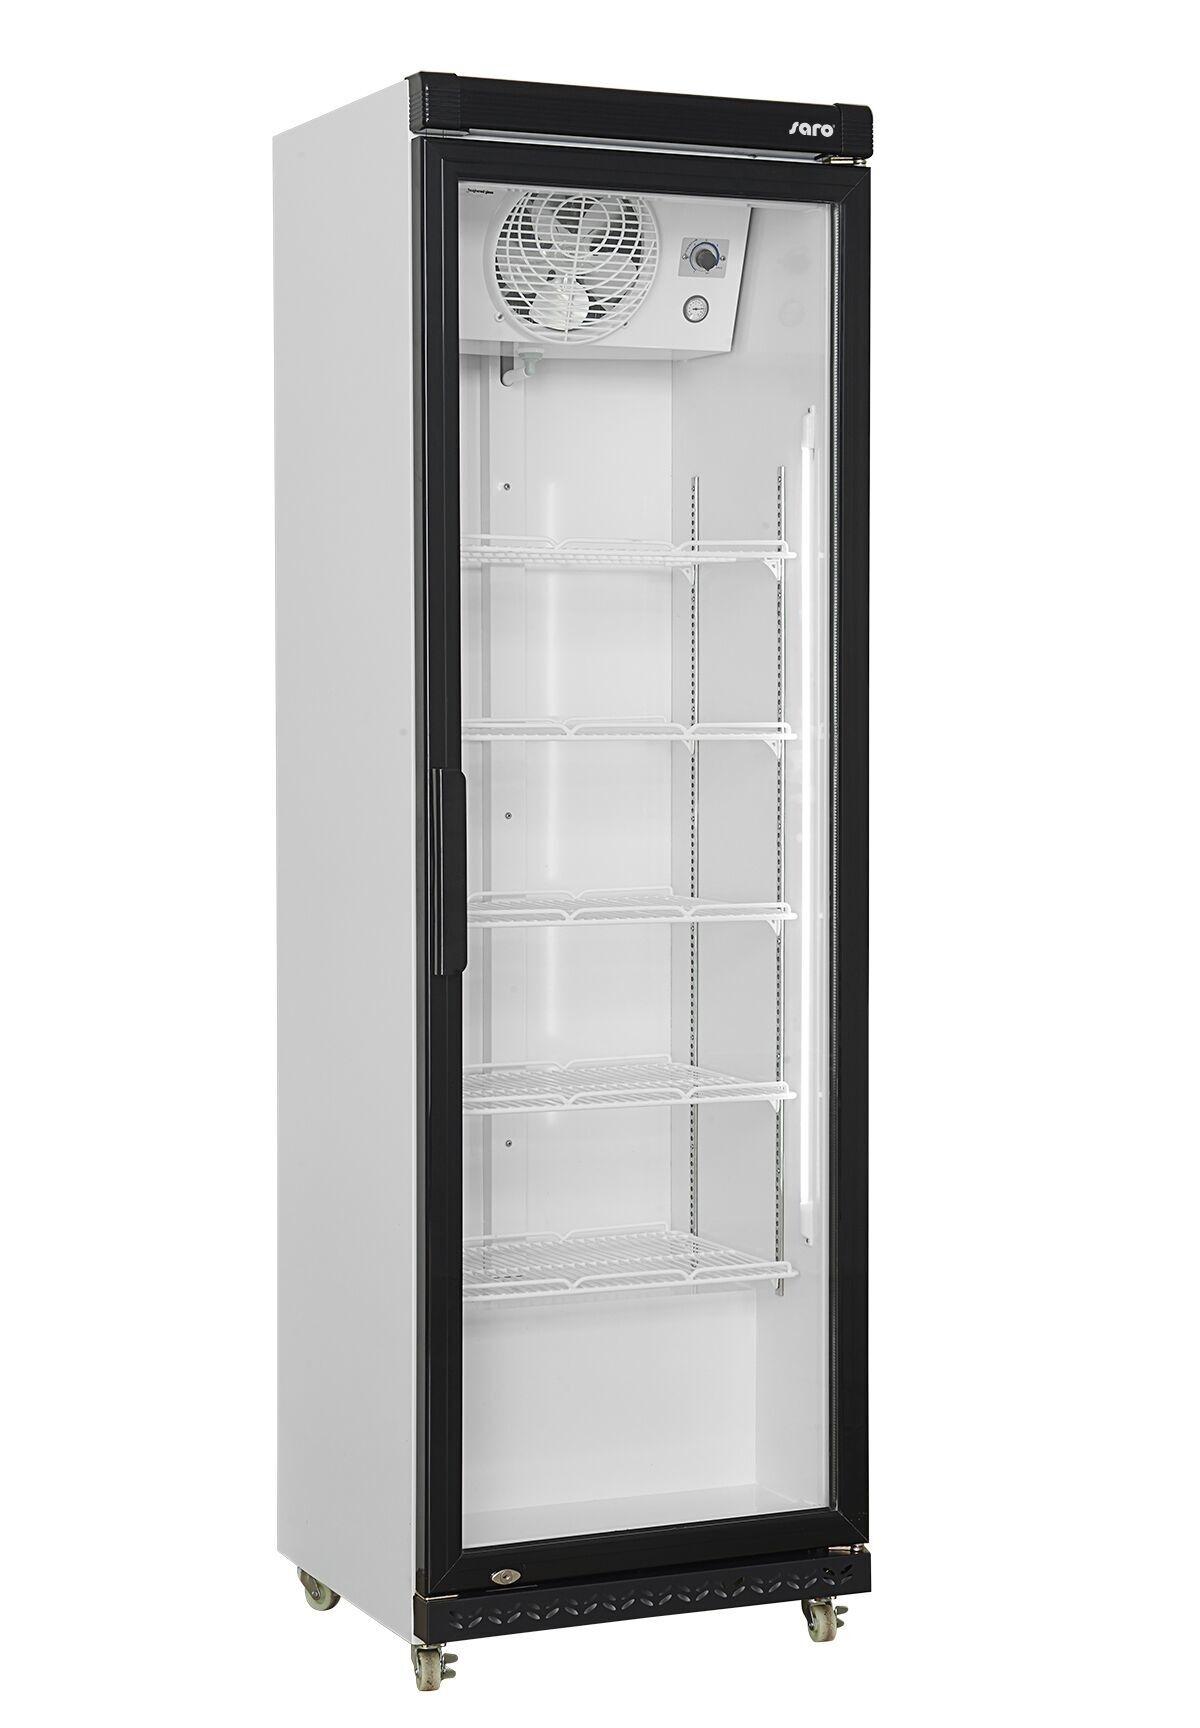 Saro Refroidisseur de Bouteille Avec porte en verre Éclairage led 425 Litres 610x635x(H)1973mm